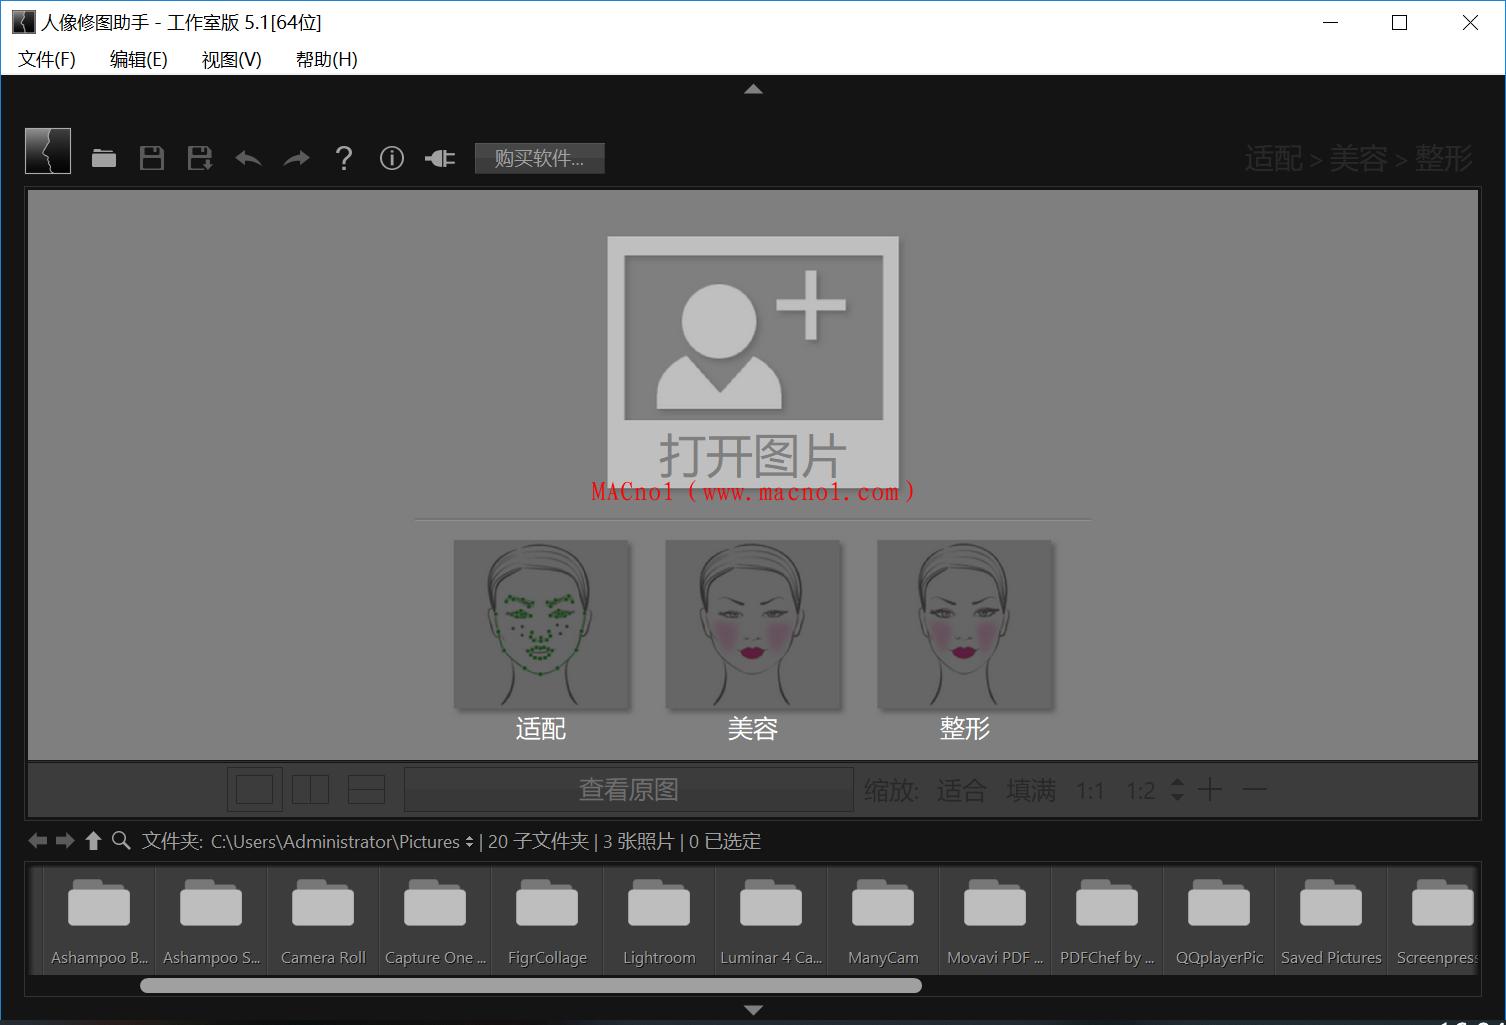 图像编辑软件 PT Portrait Studio v5.1.0 中文破解版(附破解补丁)